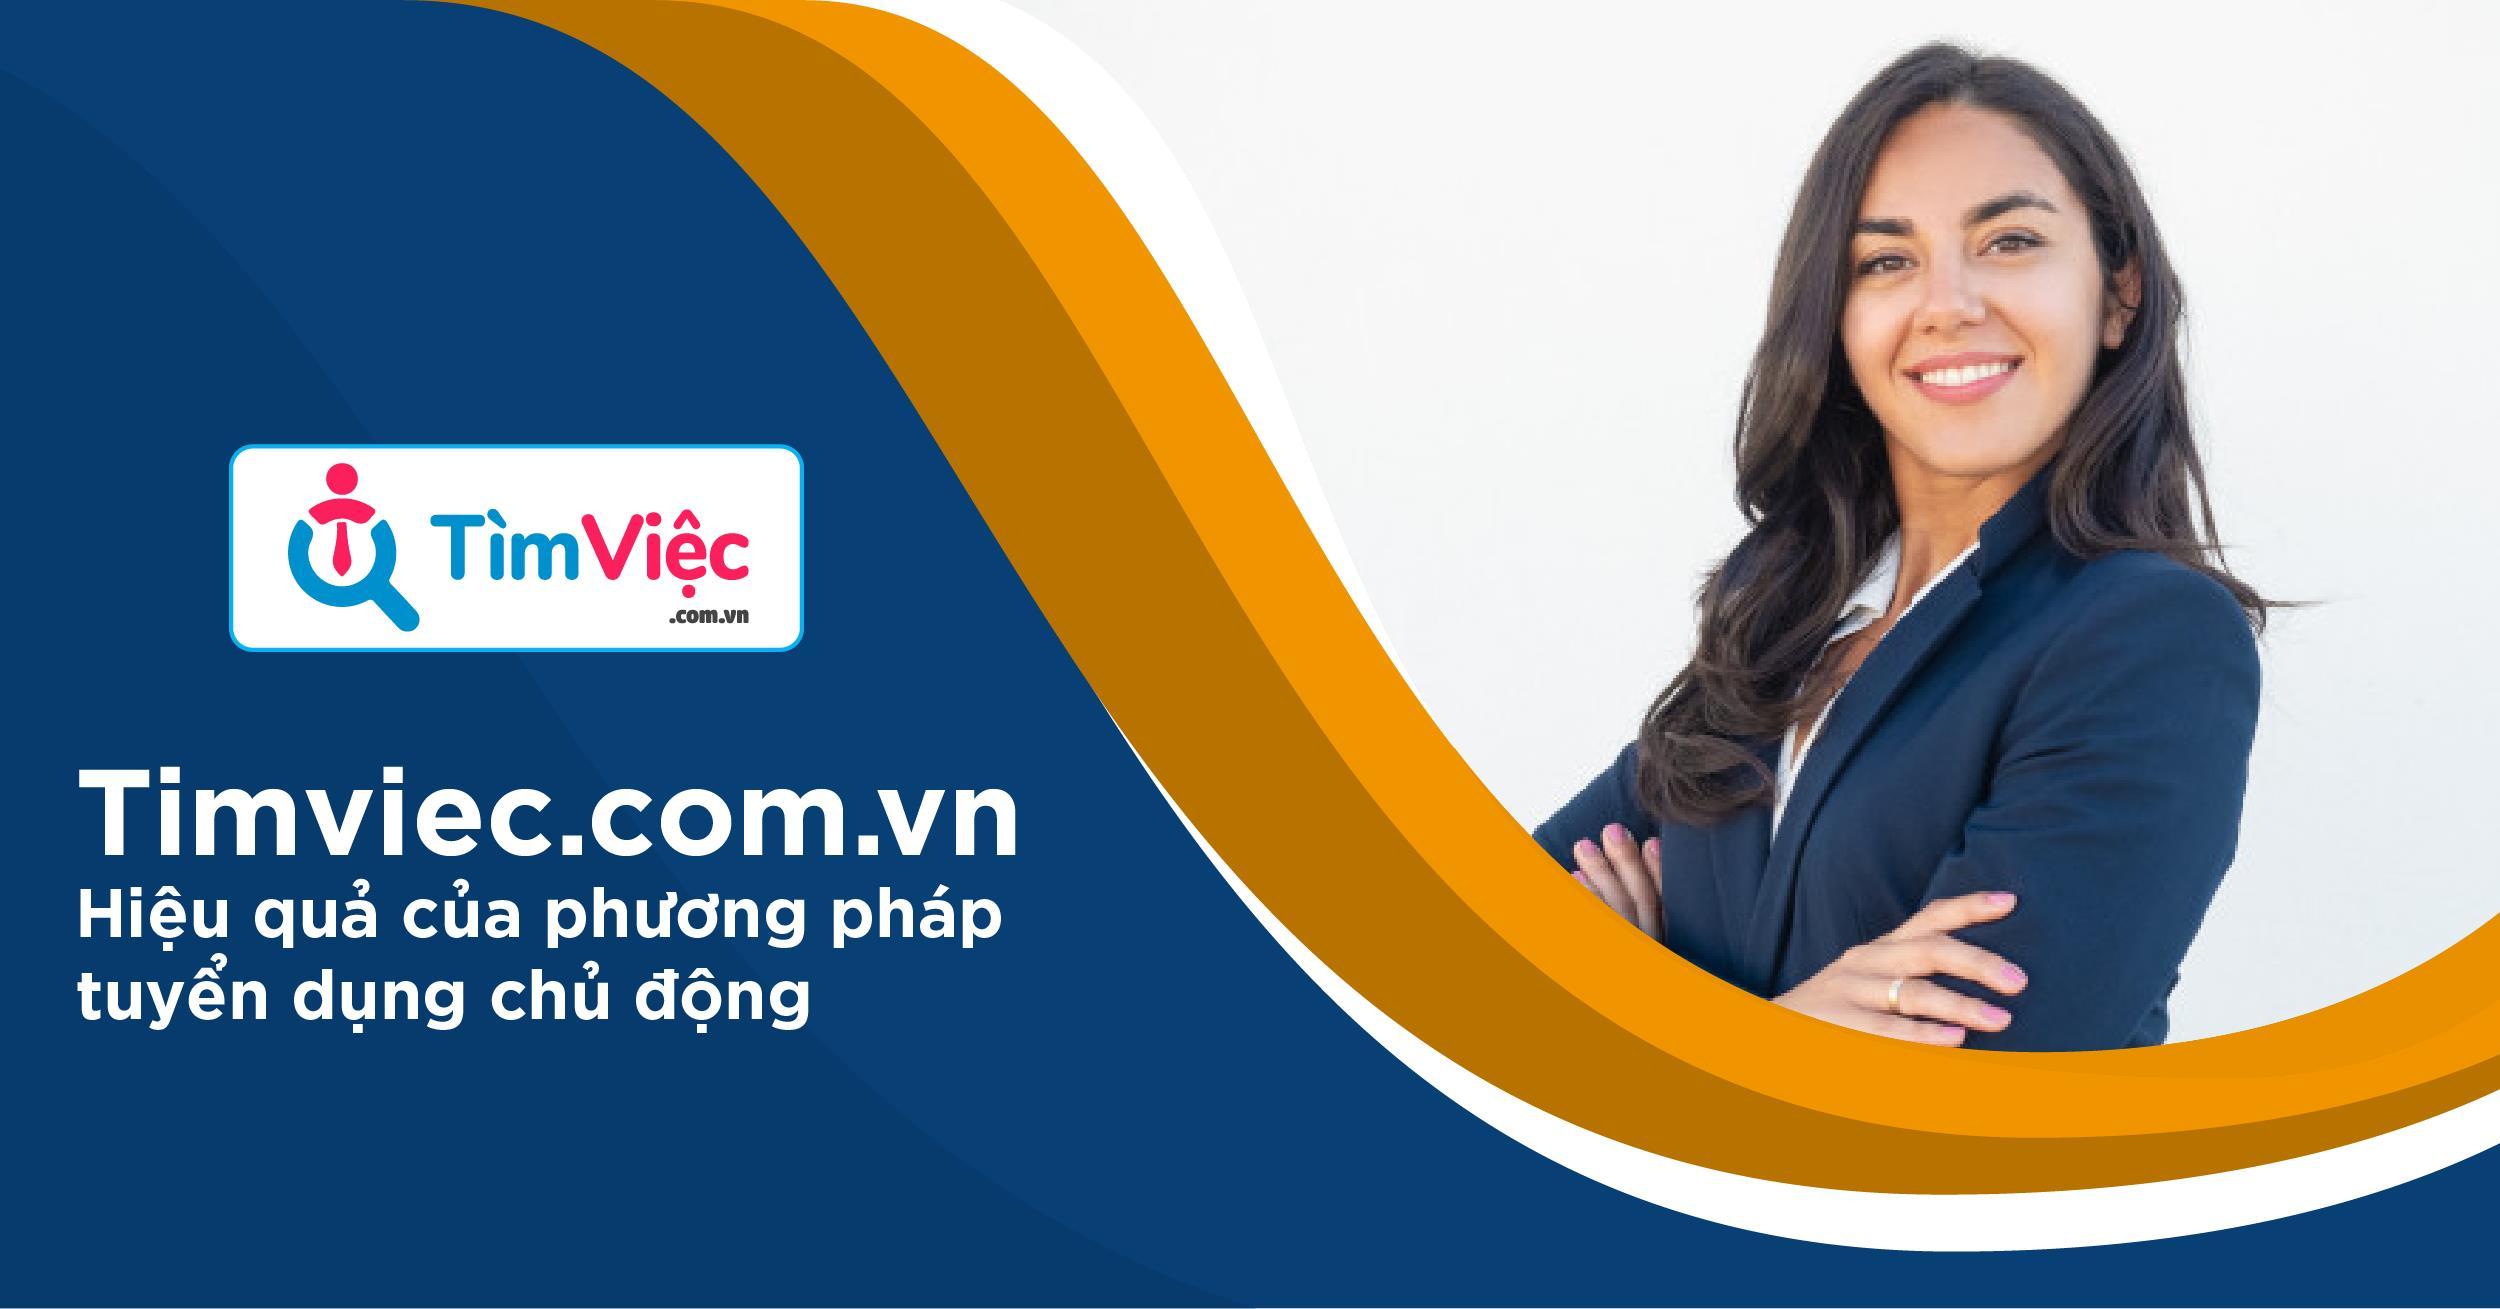 Timviec.com.vn giúp các doanh nghiệp có nguồn ứng viên chất lượng - Ảnh 2.